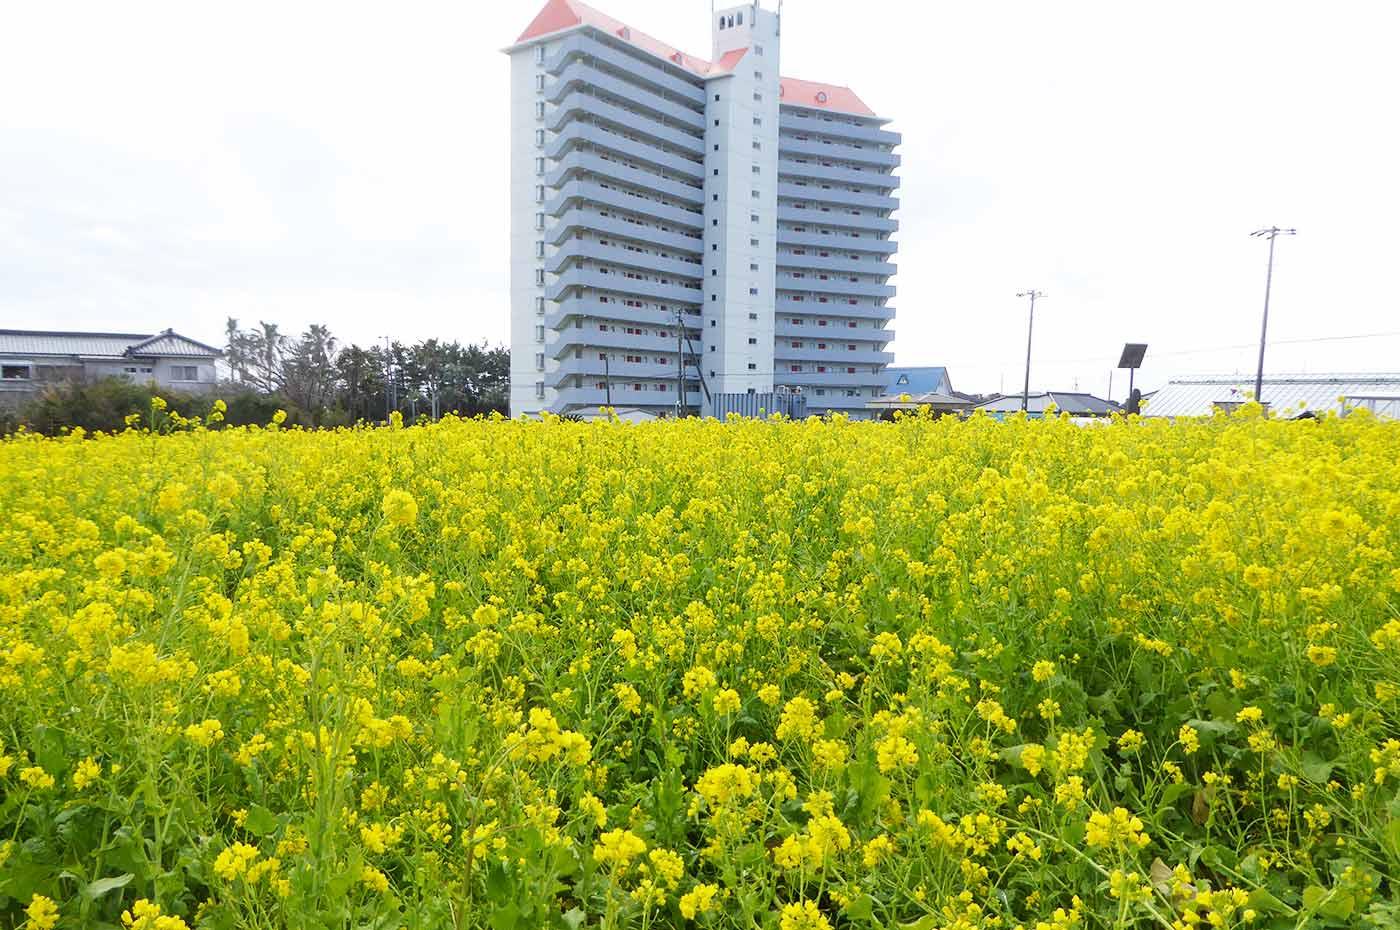 抱湖園入口の菜の花畑